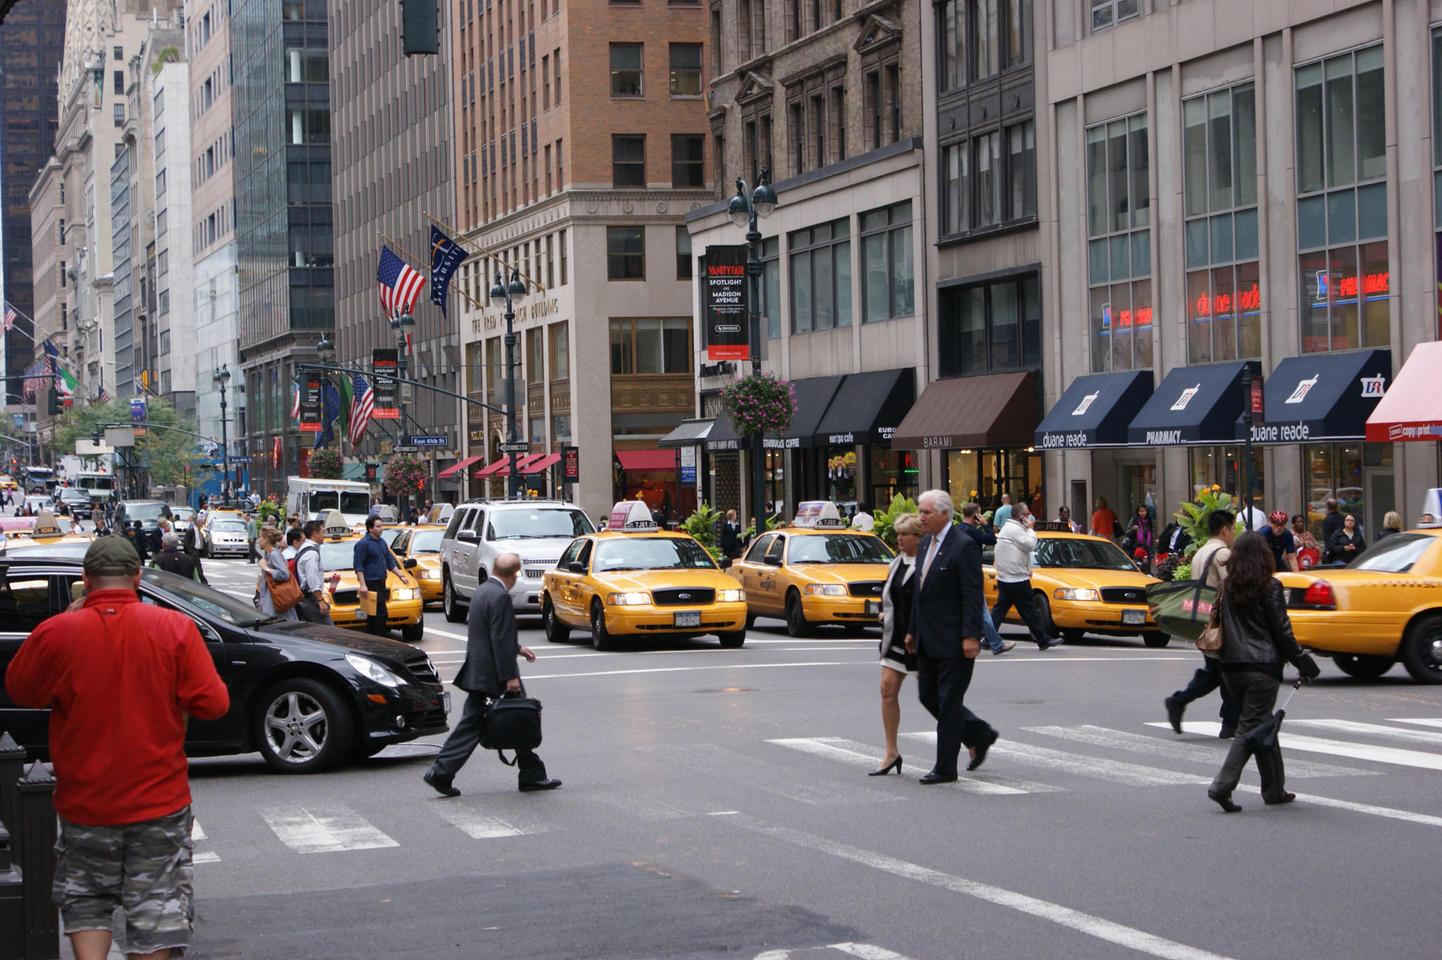 Séjour linguistique USA : vous êtes jeunes, voyagez